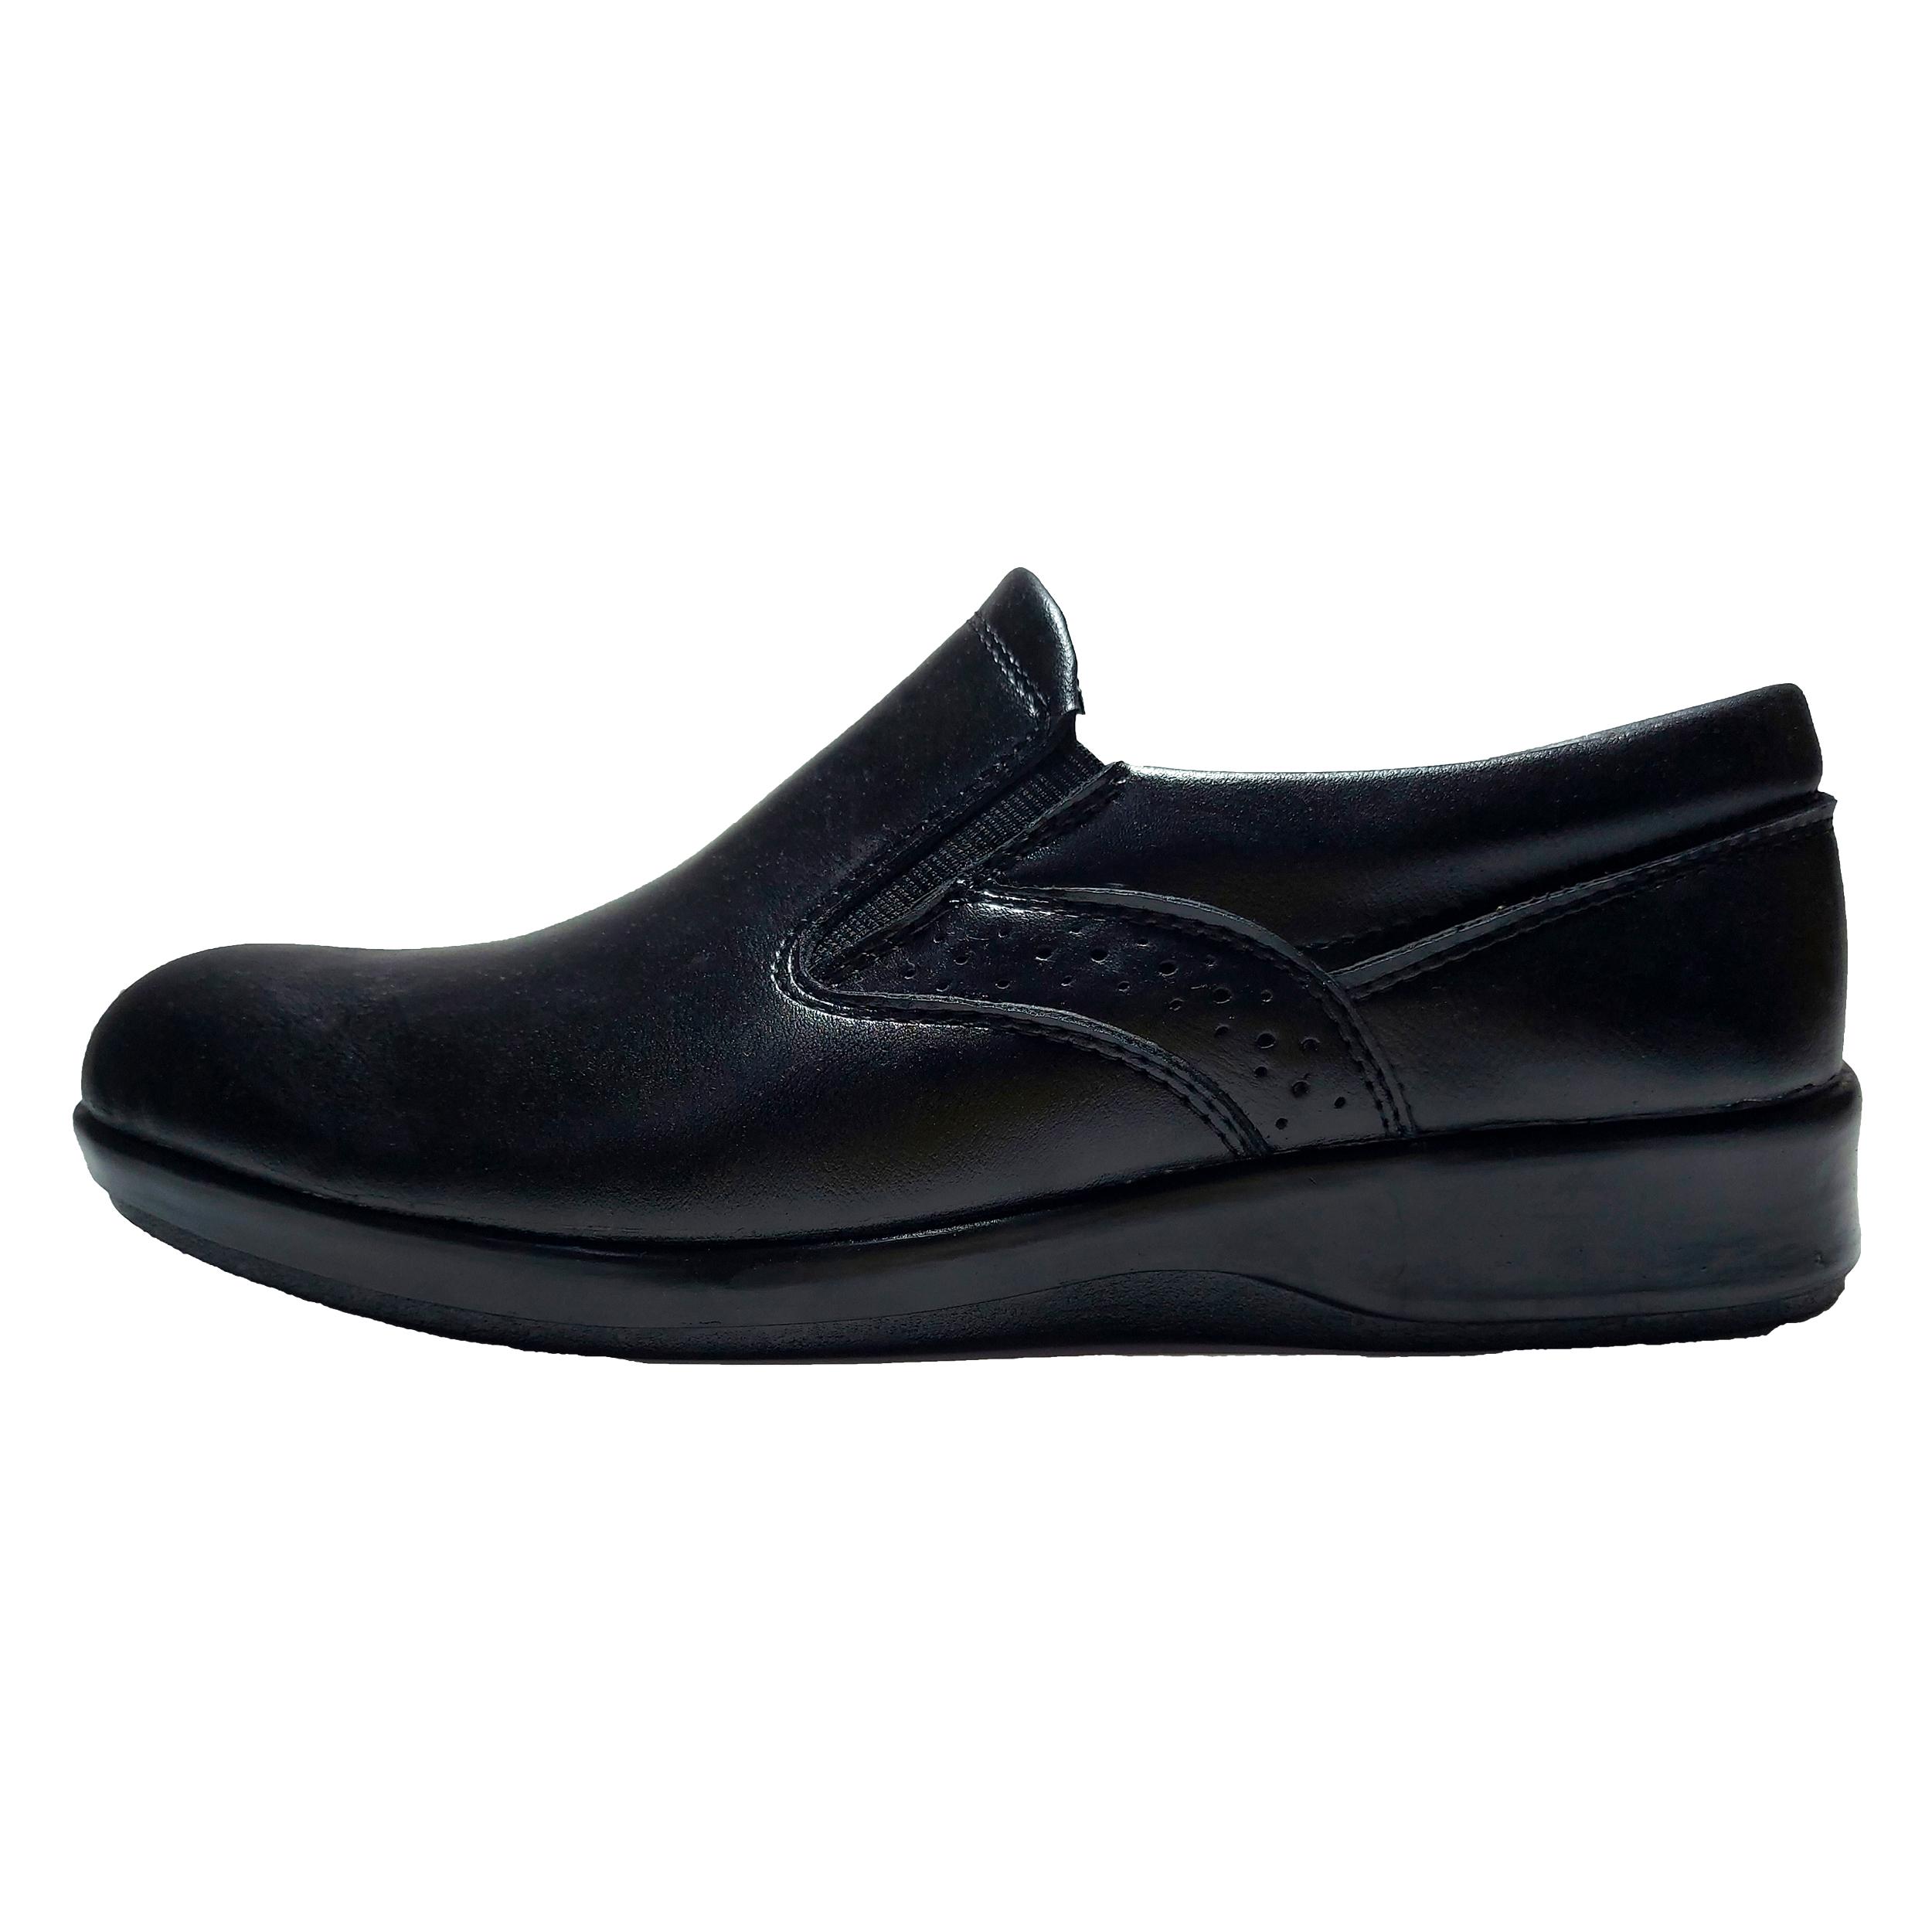 کفش طبی مردانه مدل نادر